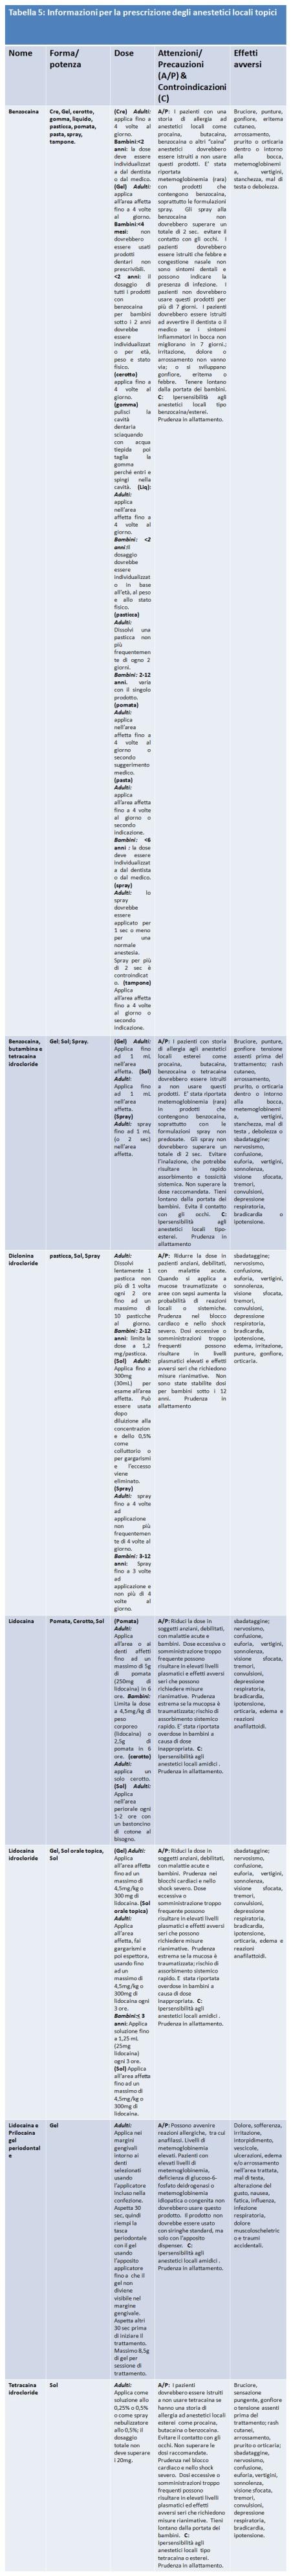 tabella-5